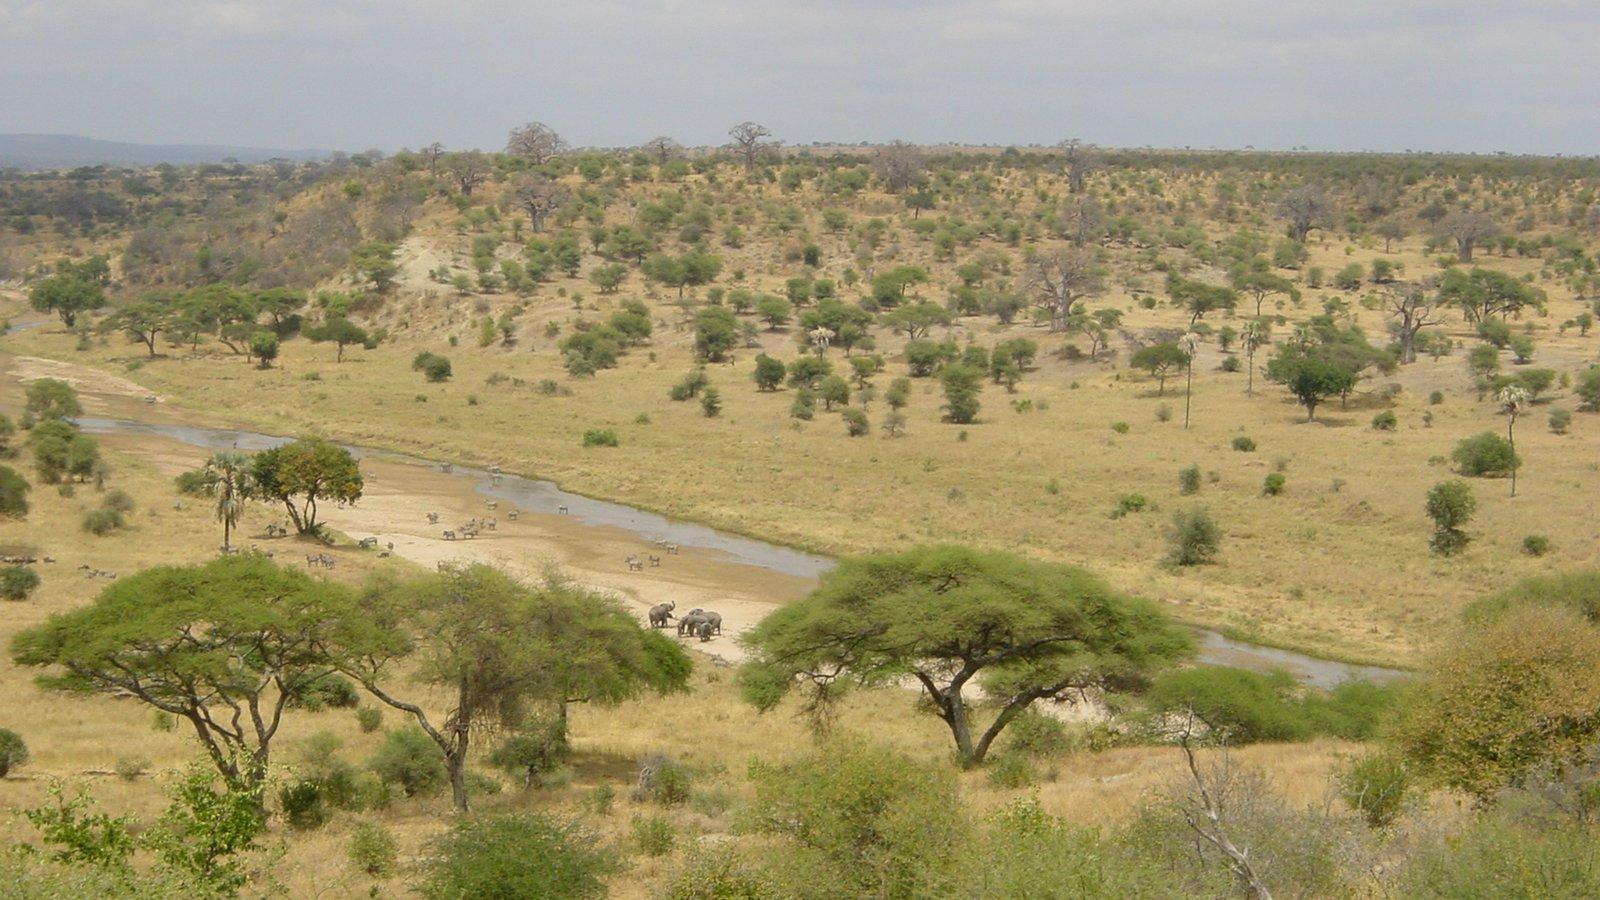 Die afrikanische Savanne ist eine Mischung aus offenem Grasland und vereinzelten Bäumen oder Baumgruppen. In einer ähnlichen Landschaft lebten einst die Nussknackermenschen